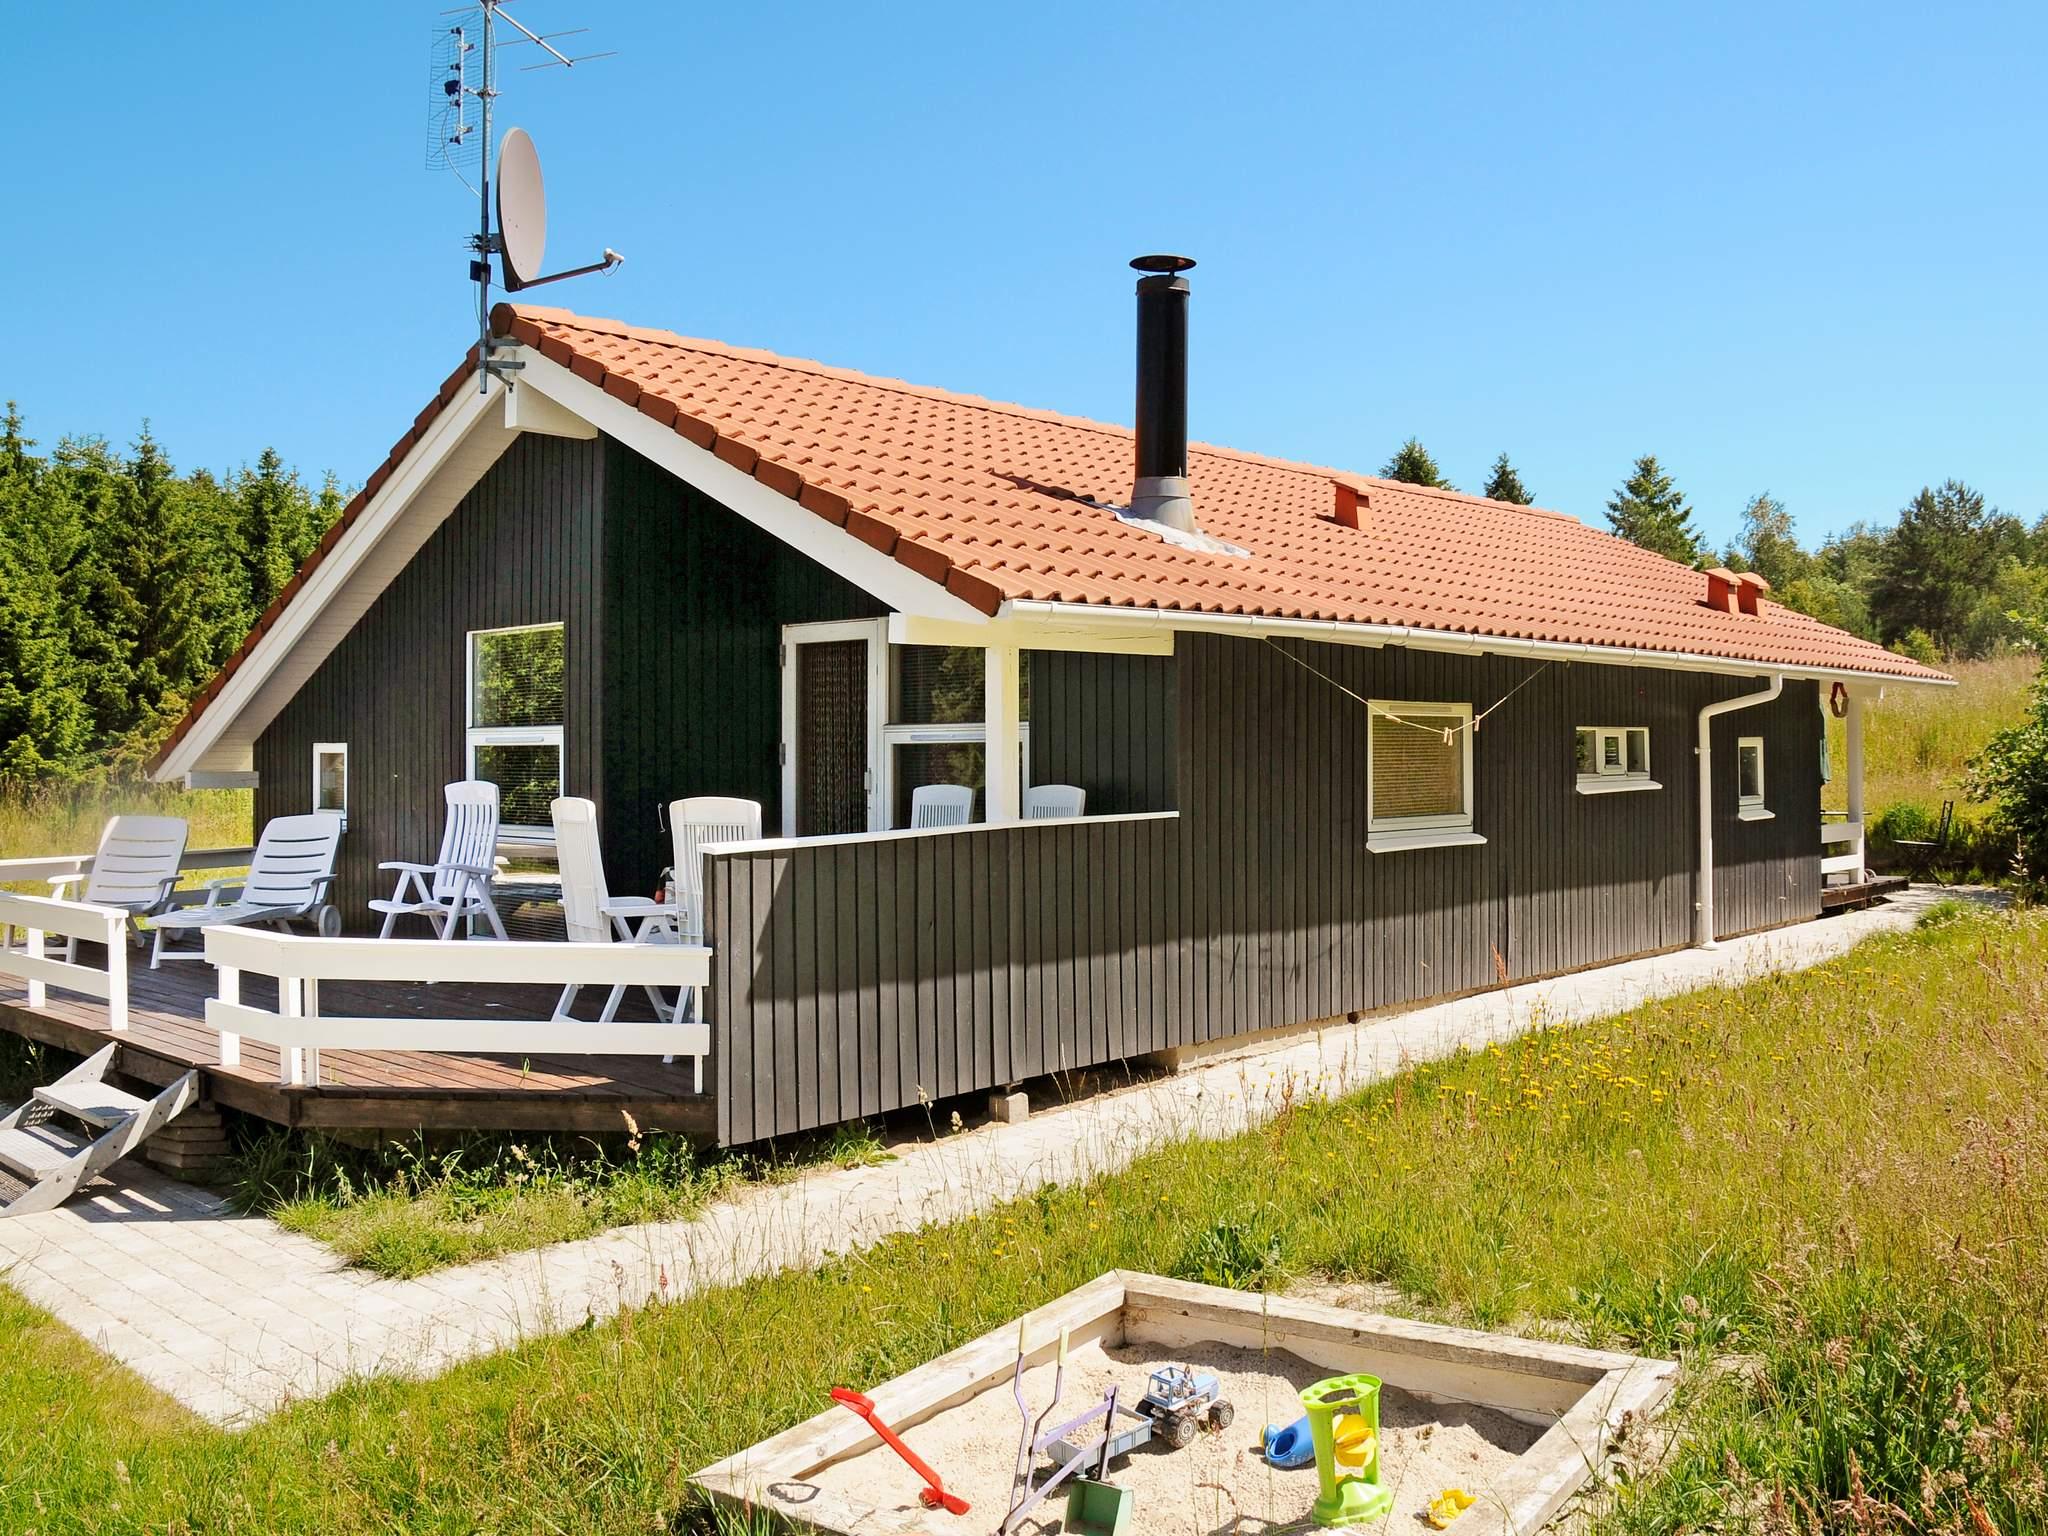 Ferienhaus Silkeborg (84068), Silkeborg, , Ostjütland, Dänemark, Bild 1